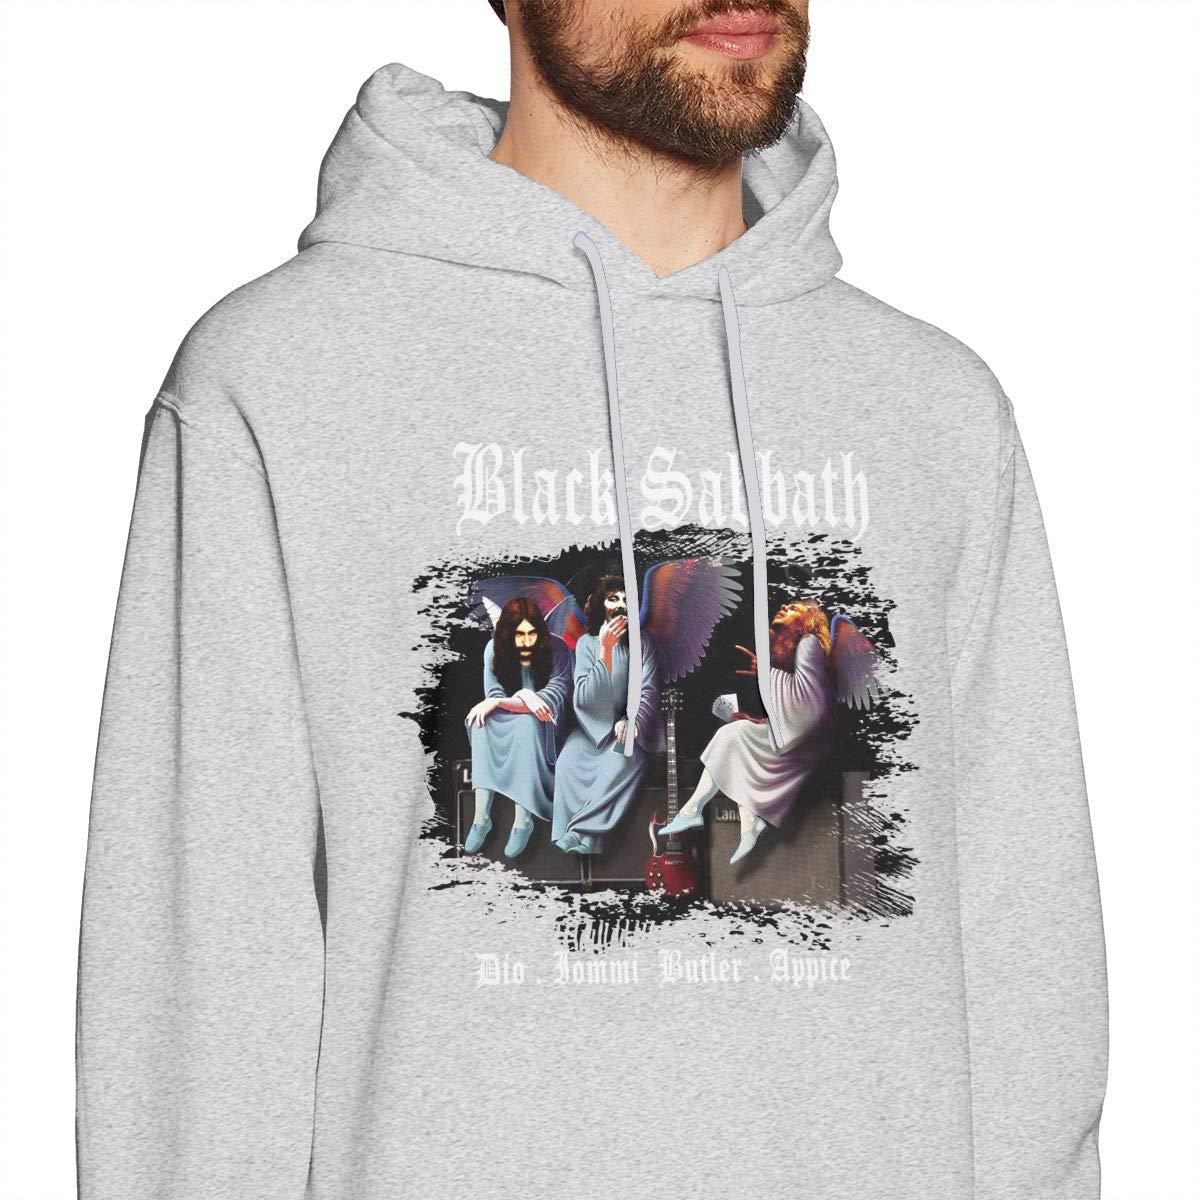 Herren Schwarz-Sabbat Himmel /& Halle Fans Pullover Hoodie Langarm Sweatshirt Hoodies f/ür Herren Jungen Kleidung Outdoor Grau L